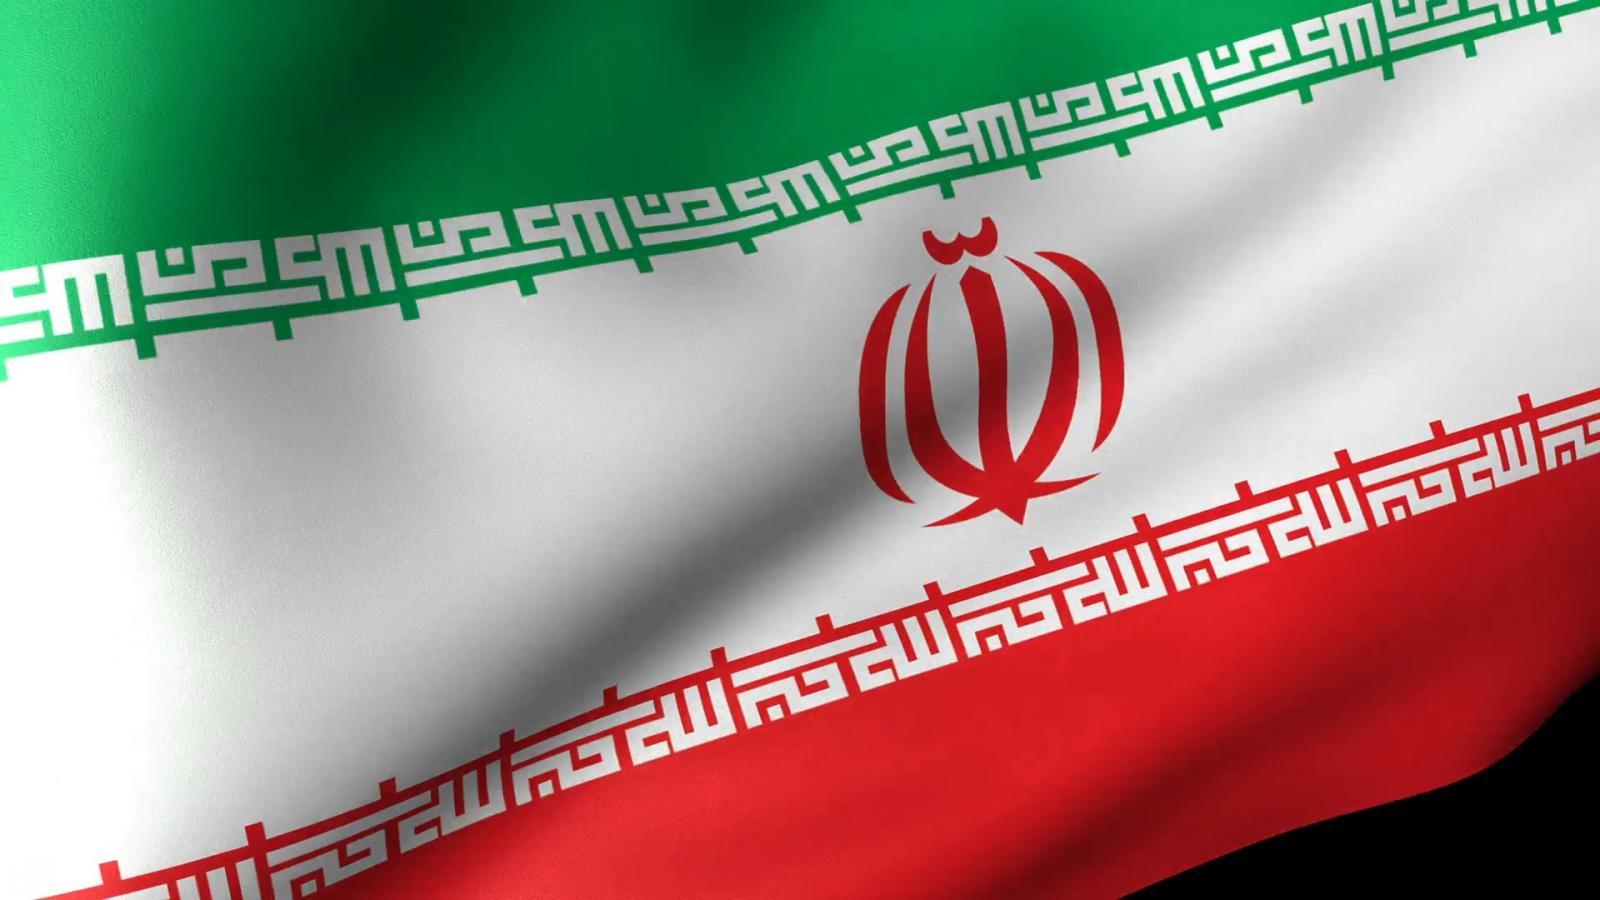 Iran vieta alle banche di scambiare criptovalute - Iran vieta alle banche di scambiare criptovalute